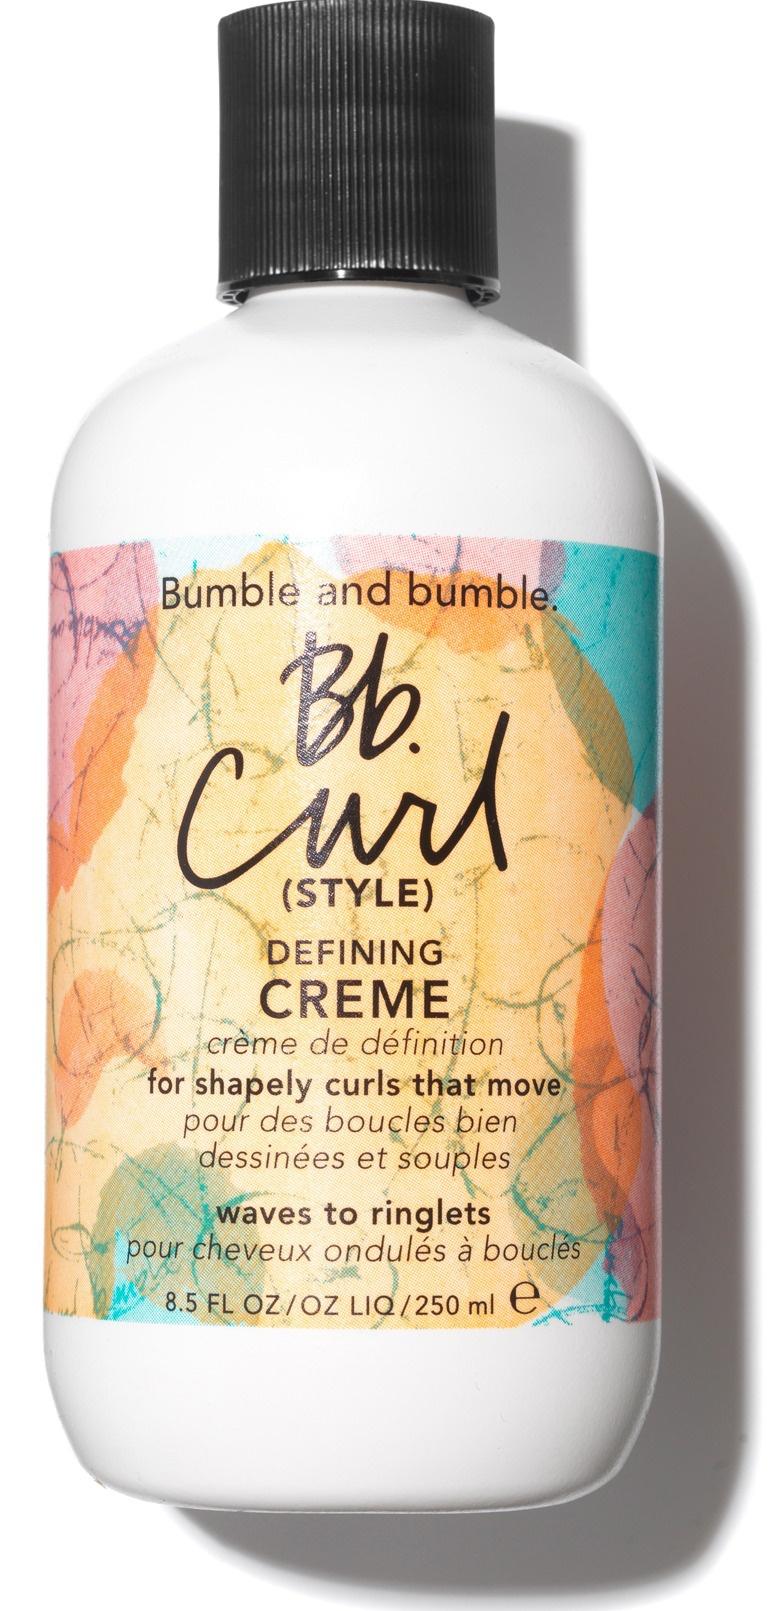 Bumble & Bumble Curl Defining Creme